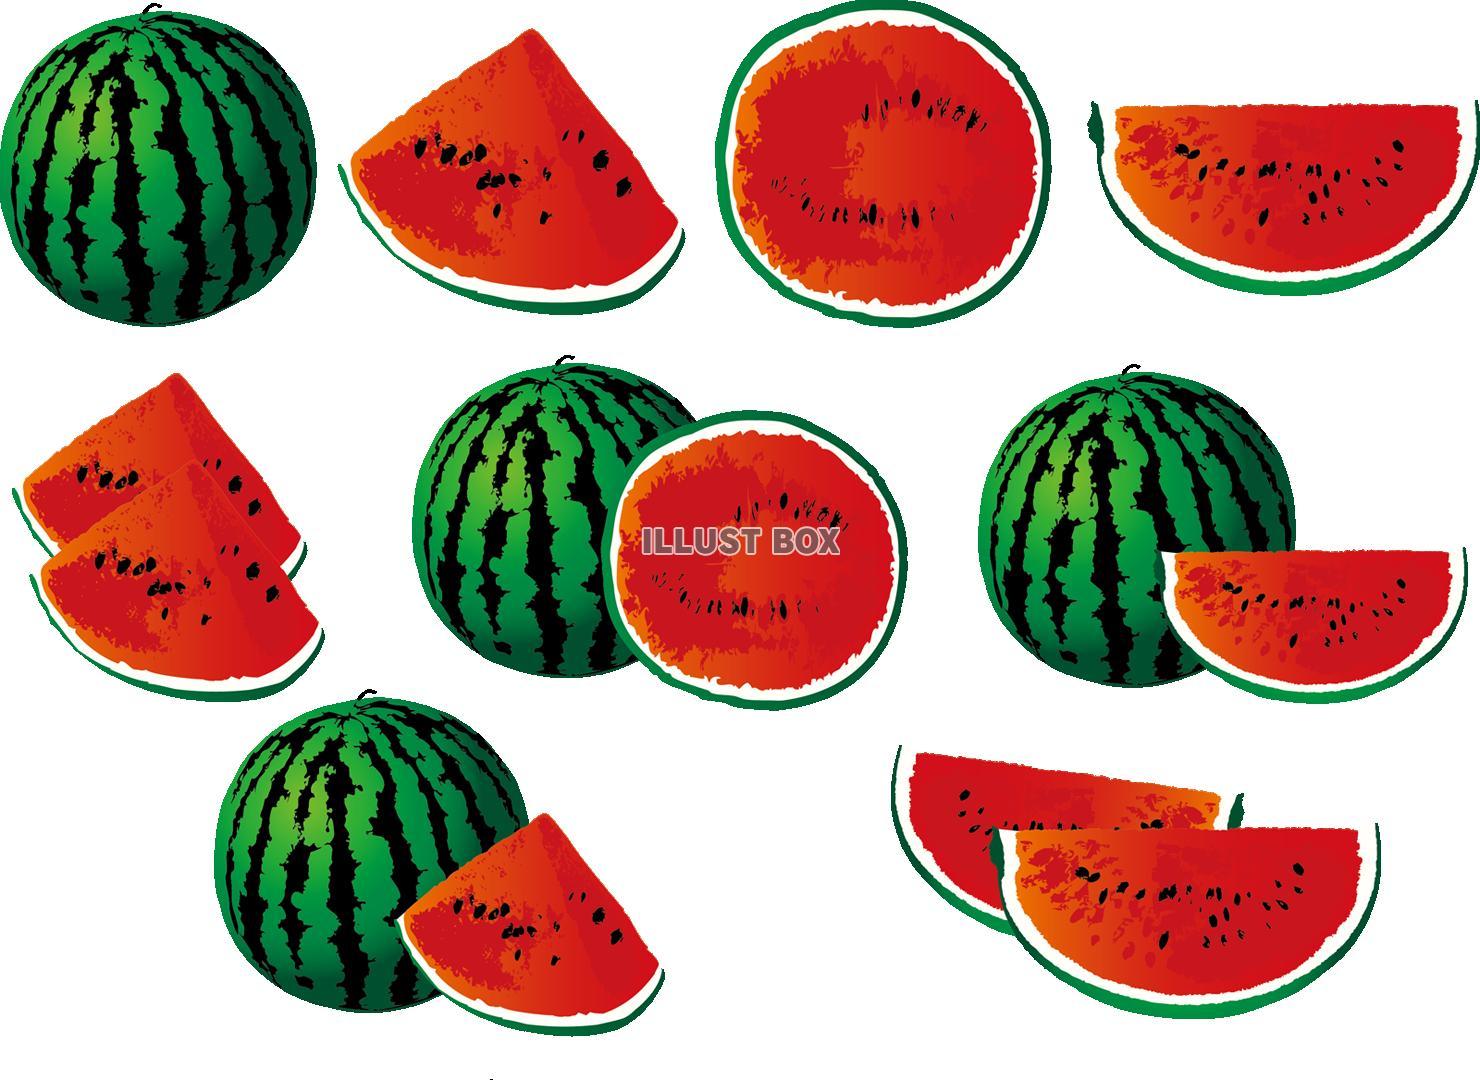 無料イラスト 透過png果物くだものフルーツスイカ西瓜すいか断面スイカ